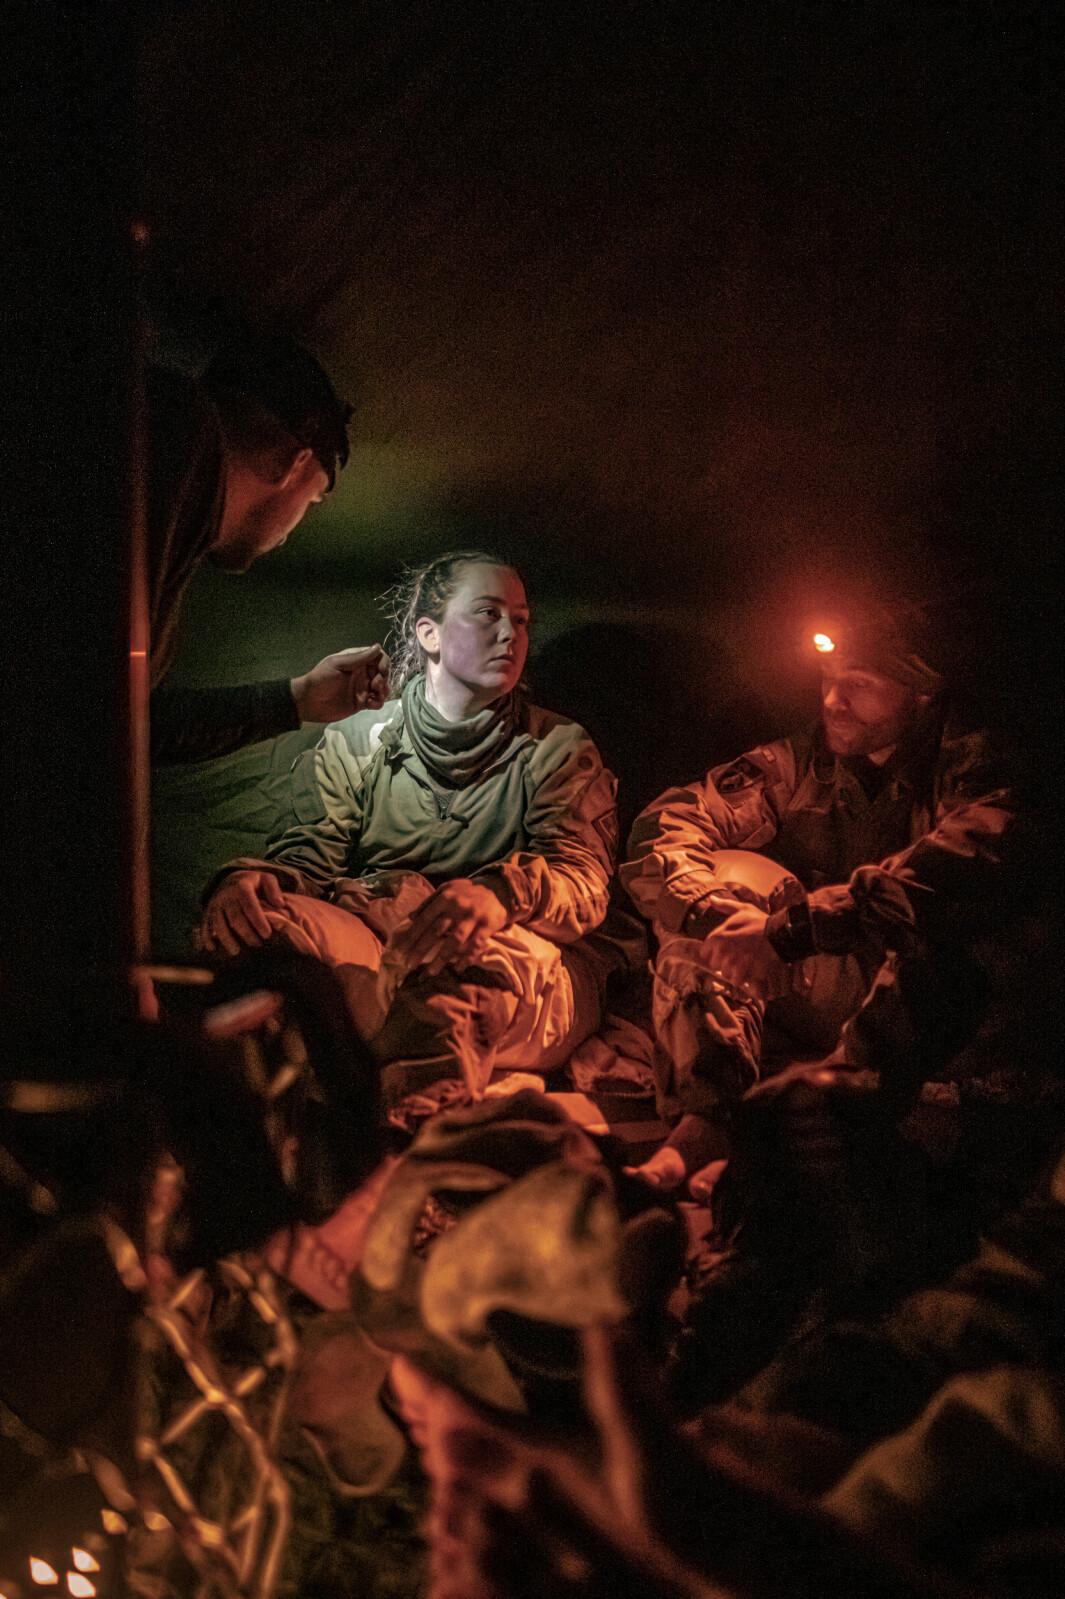 SJEKK: I et telt på Terningmoen gjennomføres en full helsesjekk etter en lang dag i kulda. Det er rutine - og intimt.